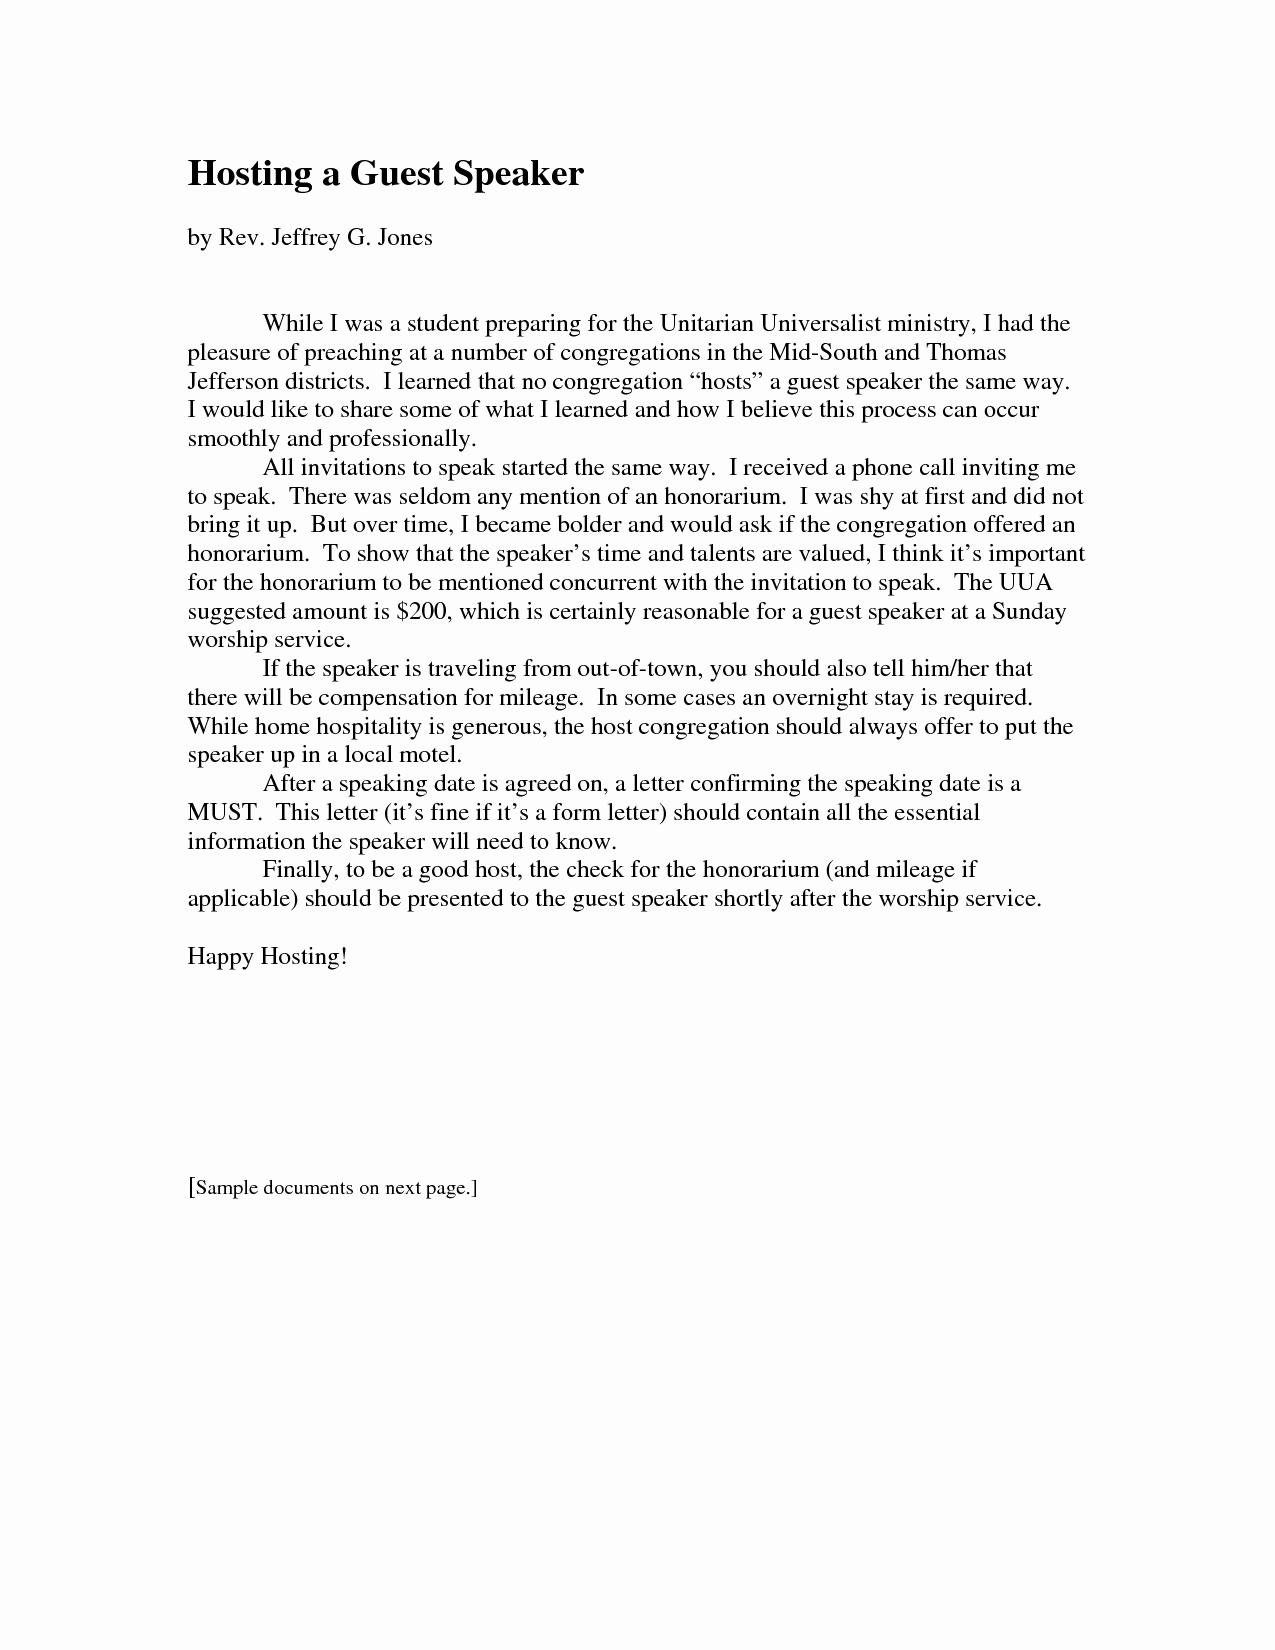 Invitation Letter for Speaker New Church Guest Speaker Invitation